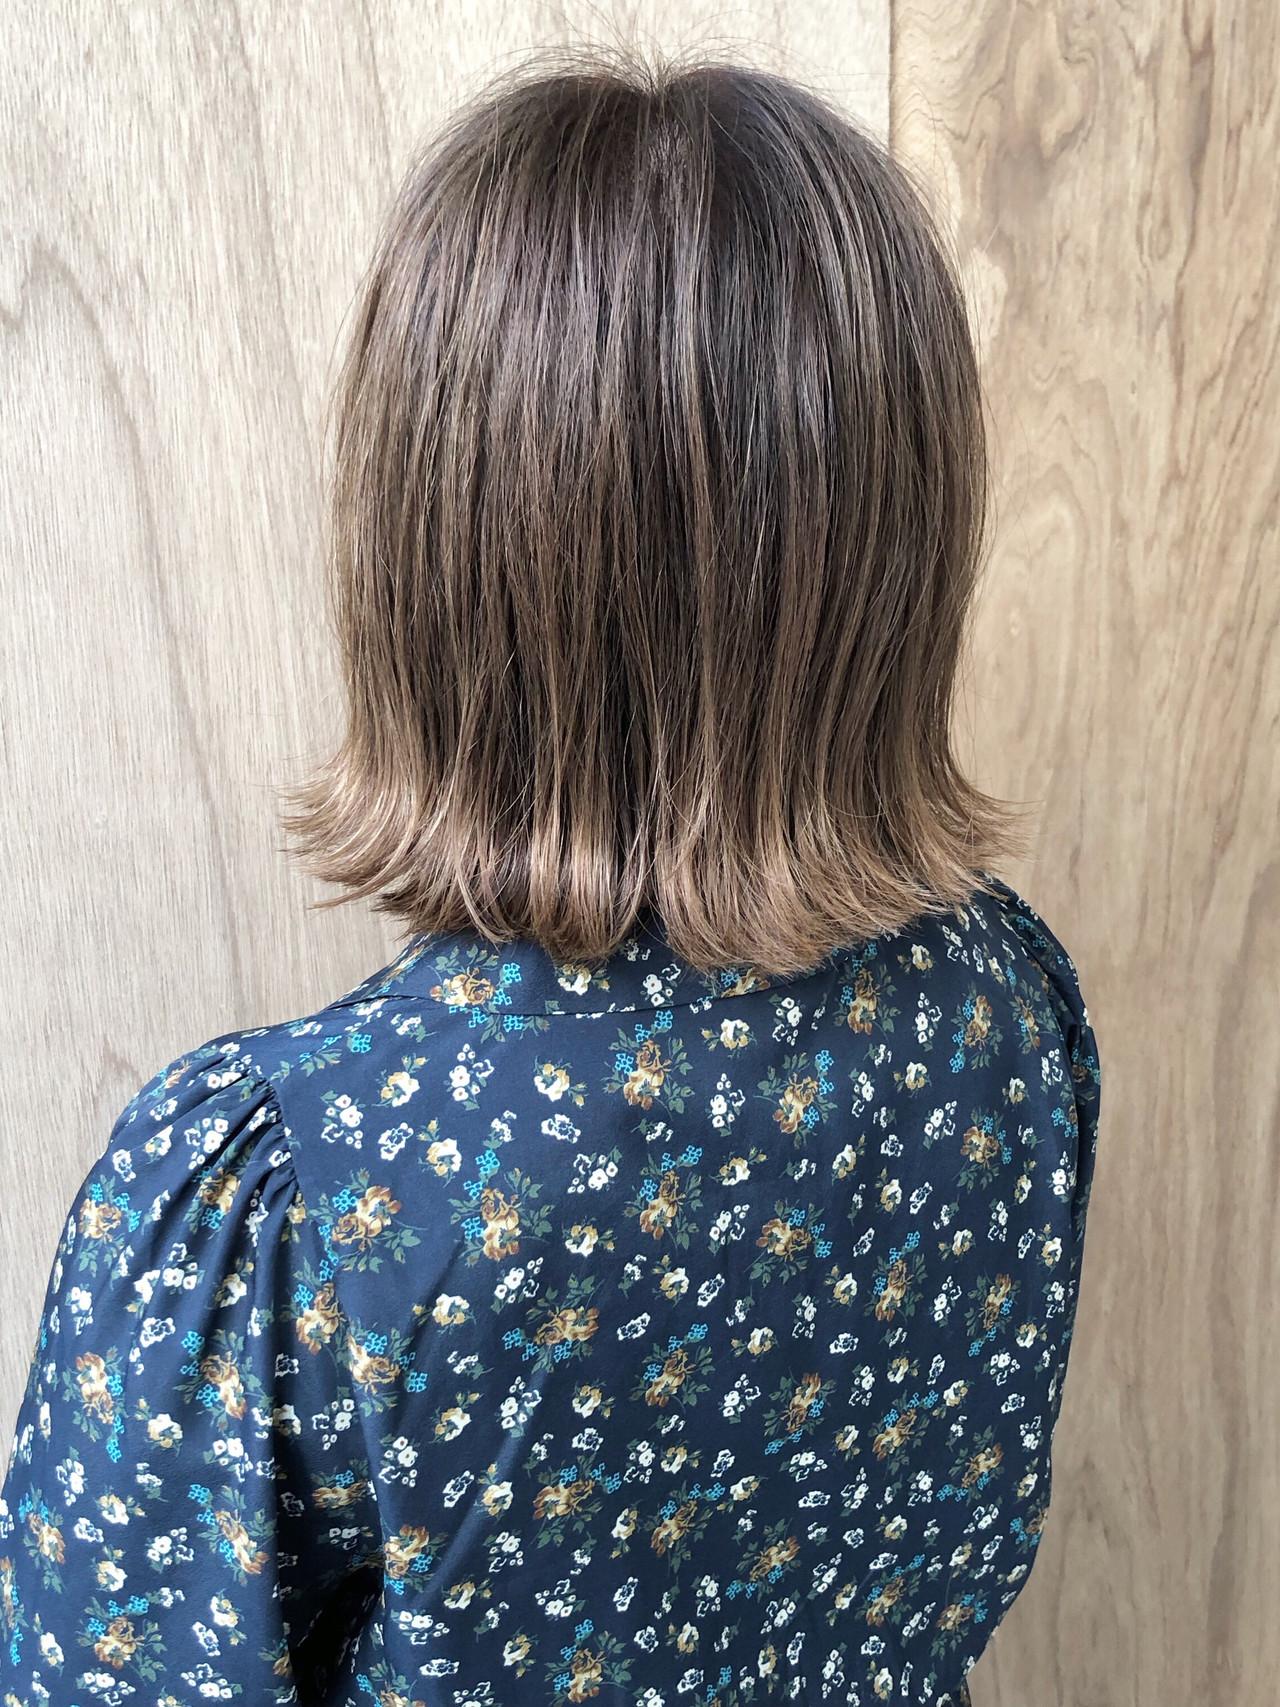 ボブ 切りっぱなしボブ ミニボブ ハンサムショート ヘアスタイルや髪型の写真・画像